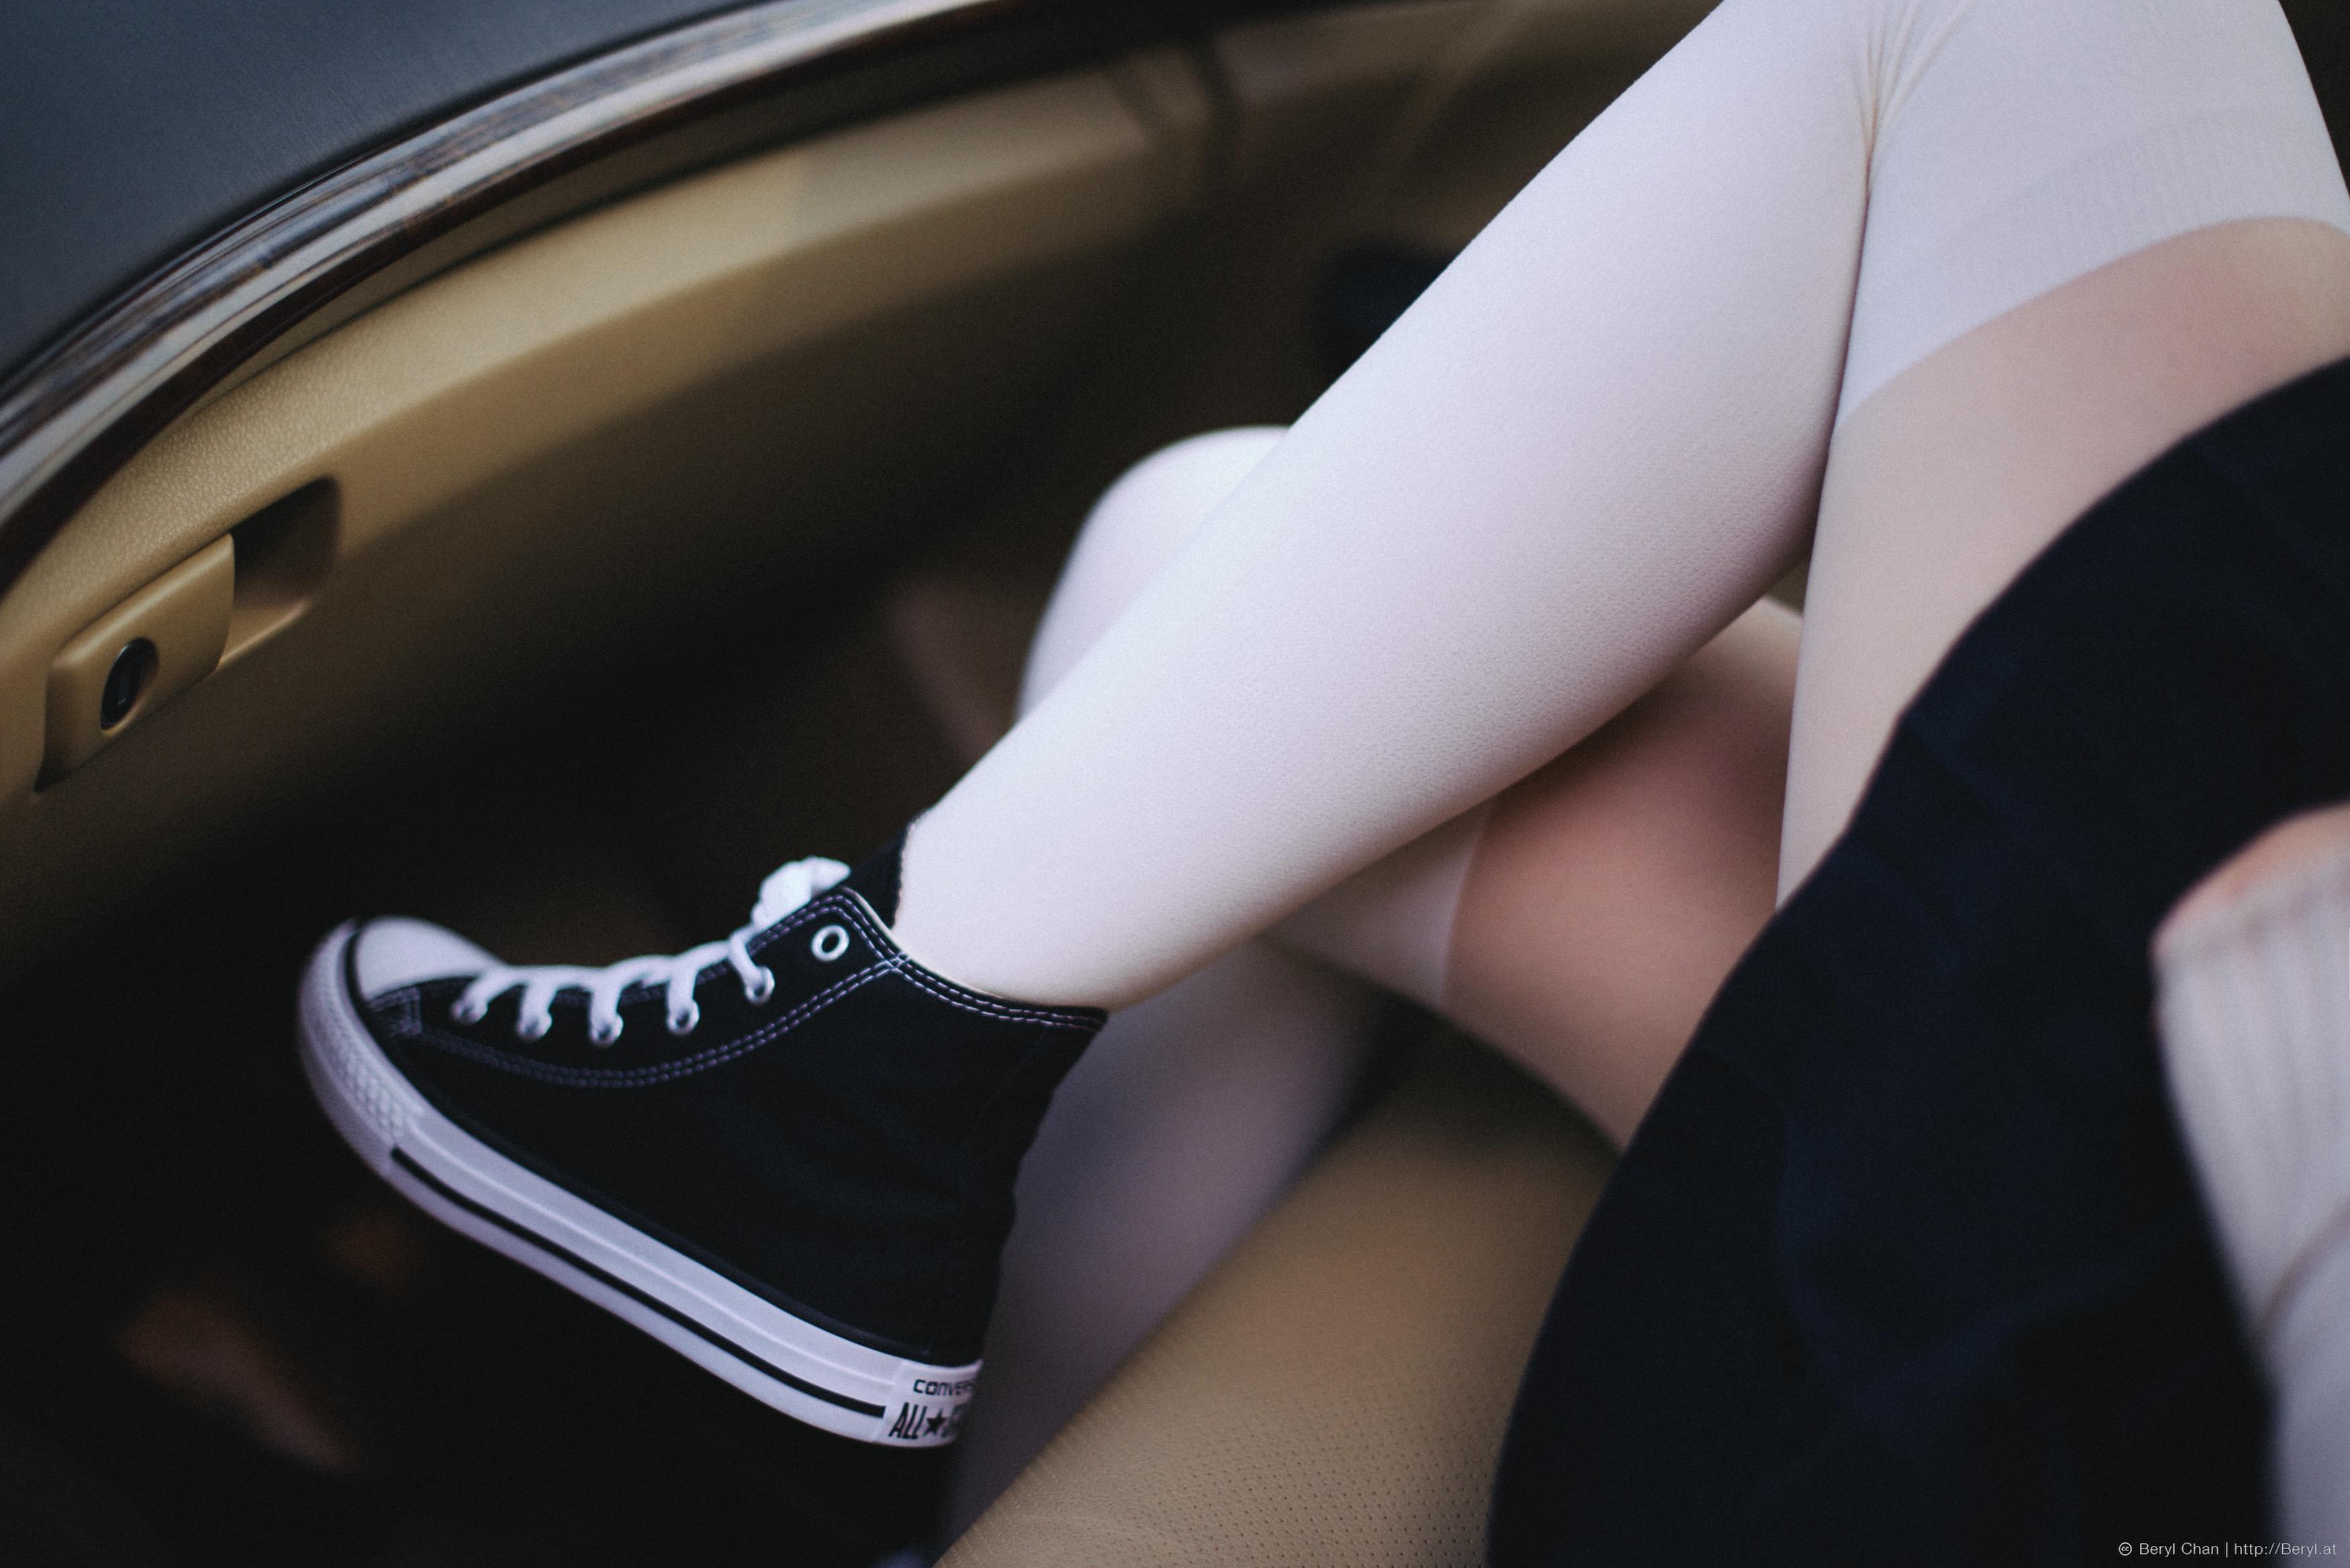 Hands between legs pantyhose